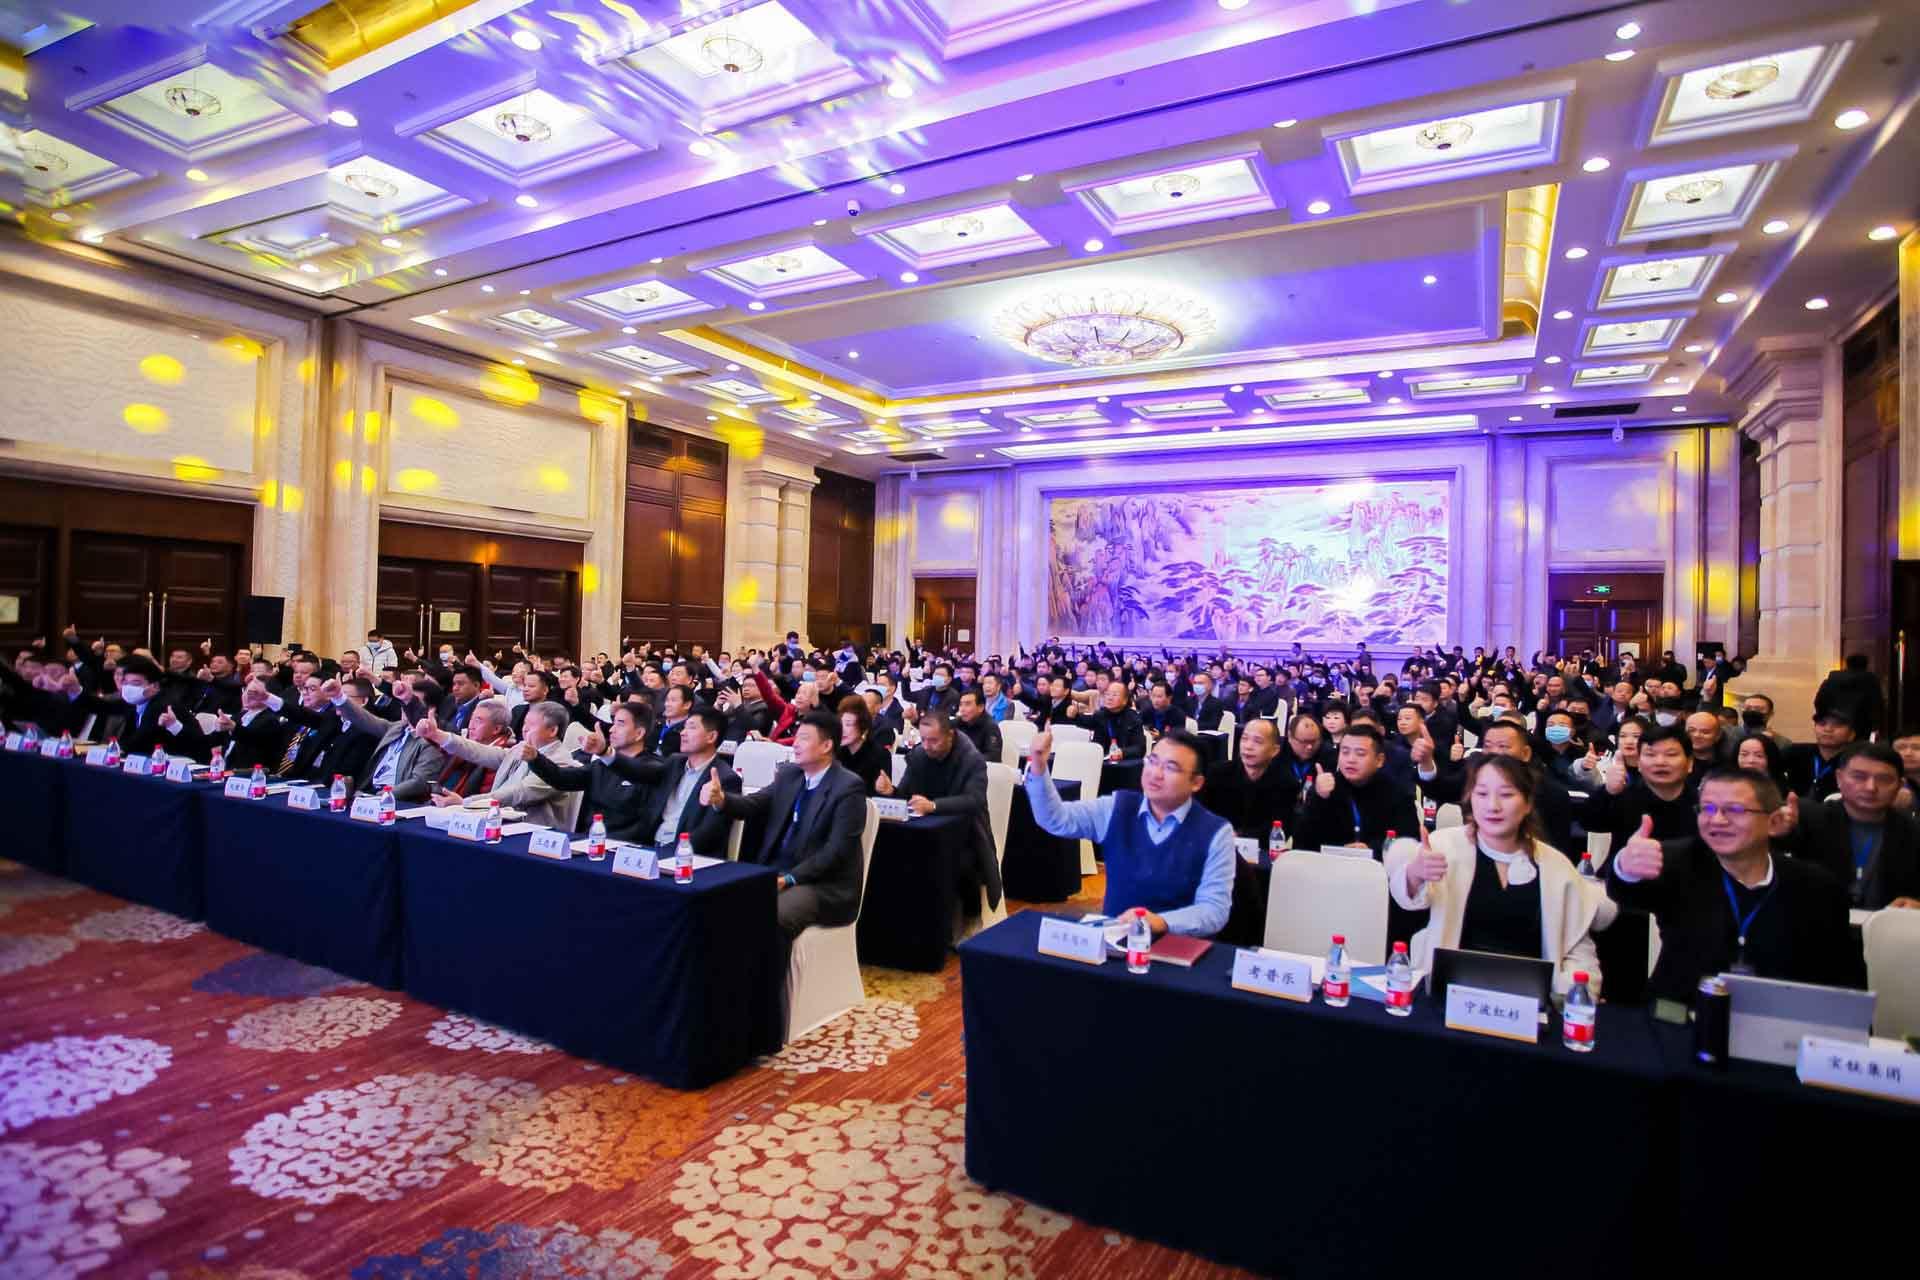 金盛鋁業應邀參加金屬復合材料行業年會暨第六屆行業創新發展論壇